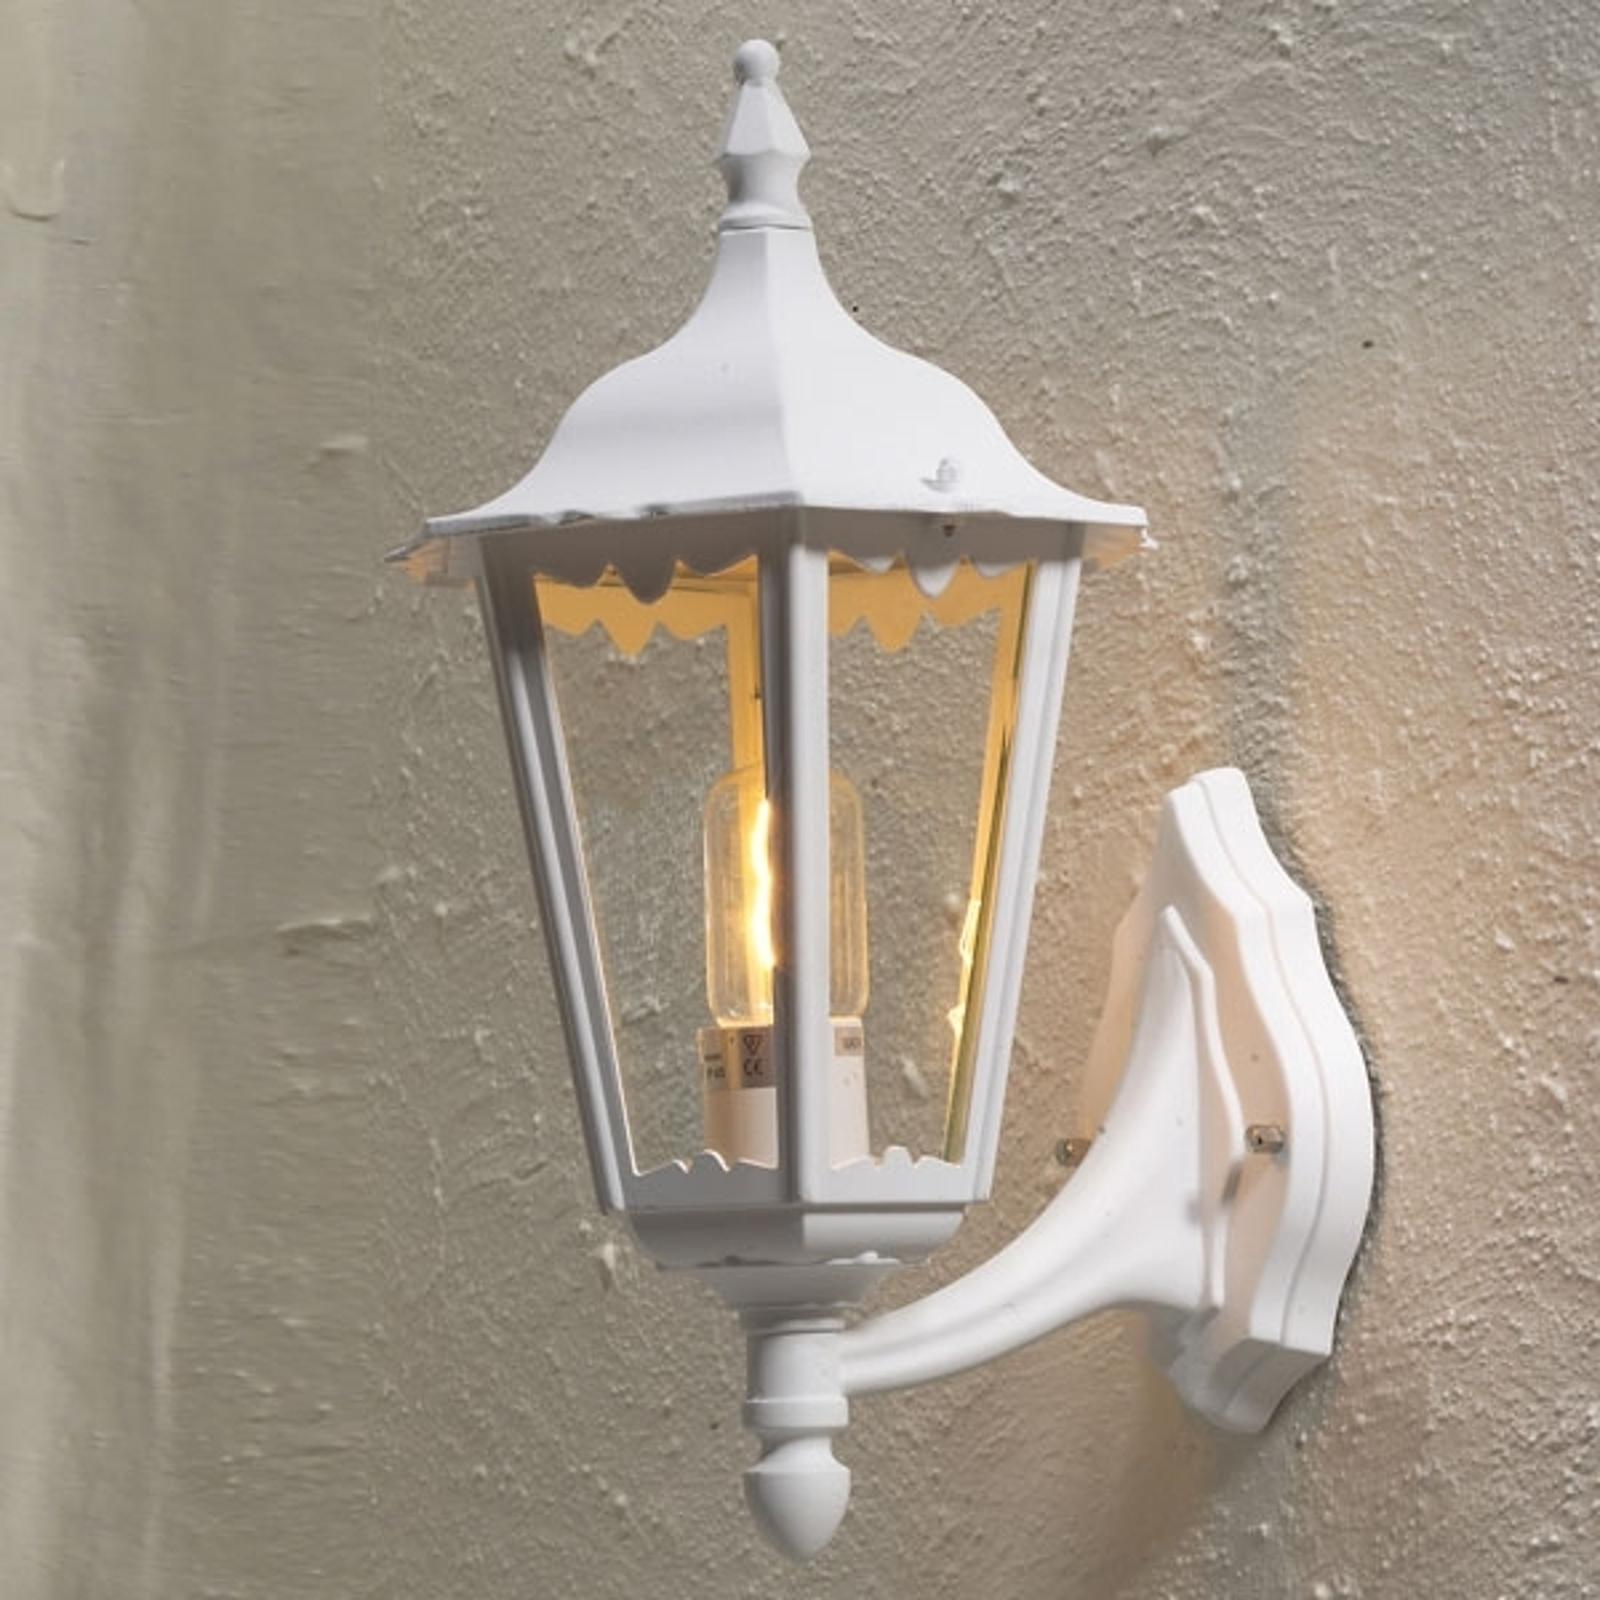 Buitenwandlamp Firenze, staand, 48cm, wit